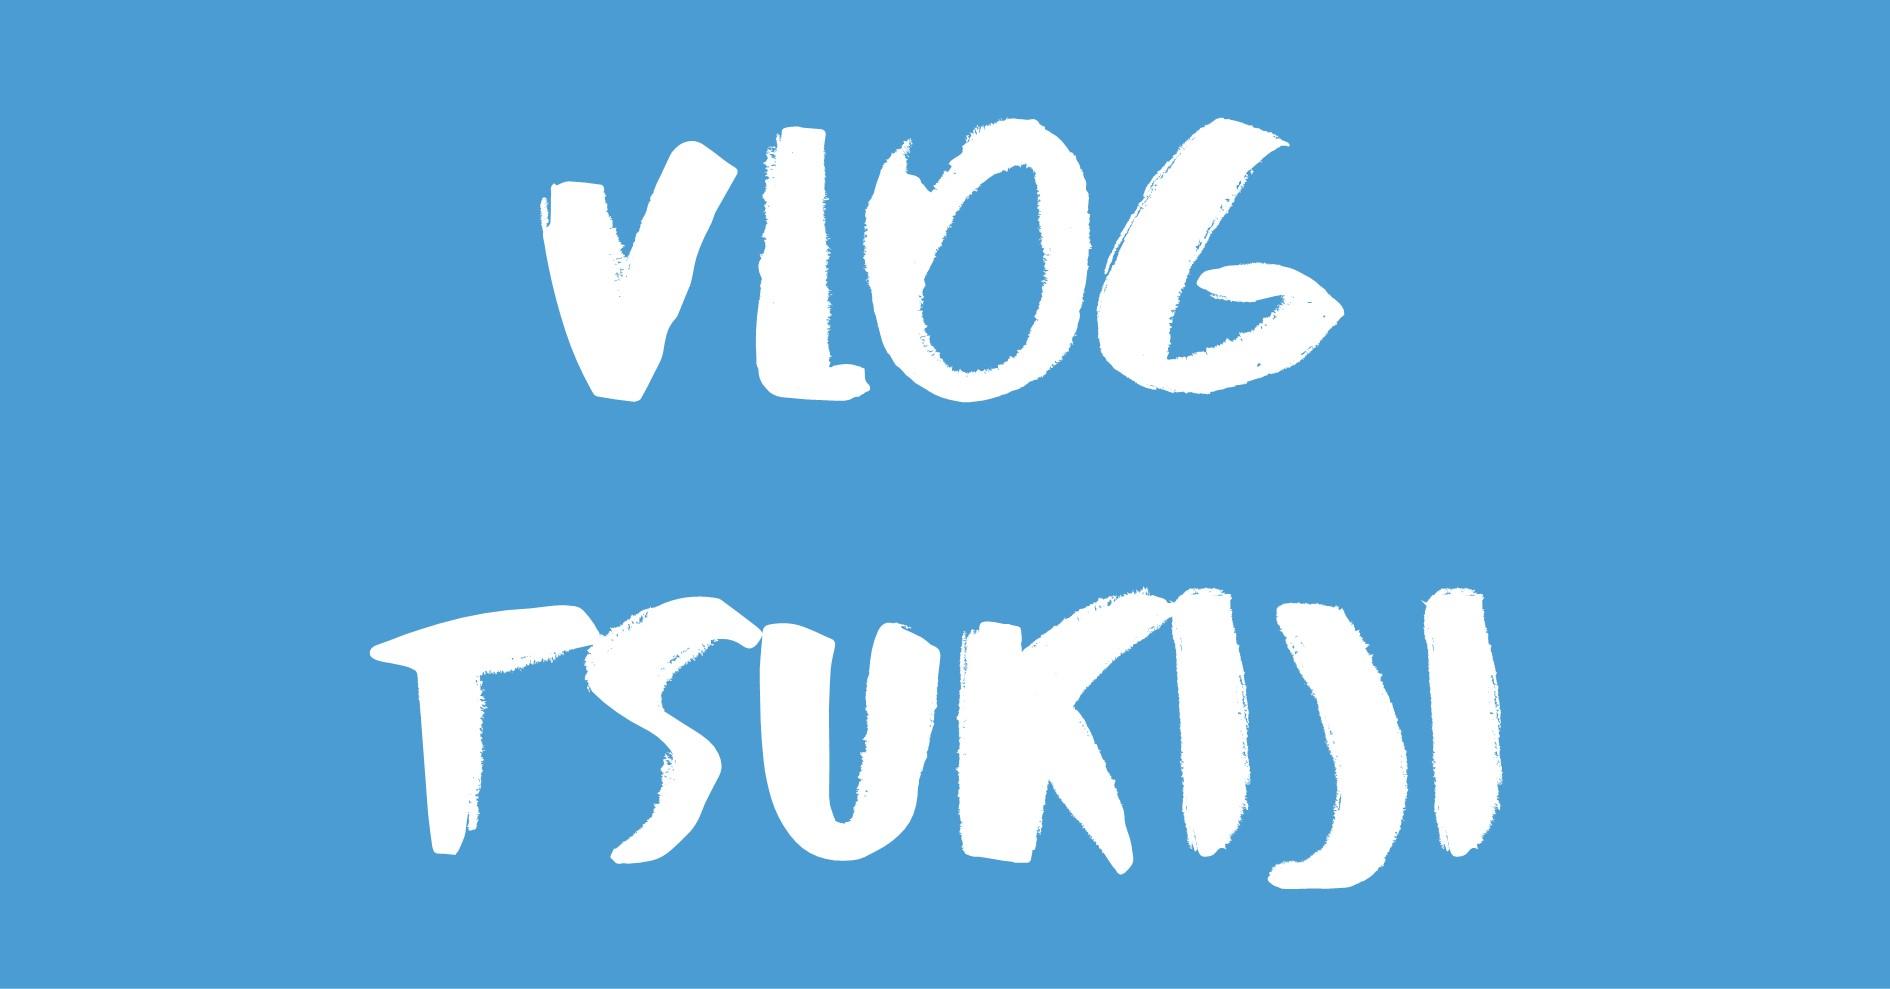 [Vlog] 築地 / Tsukiji